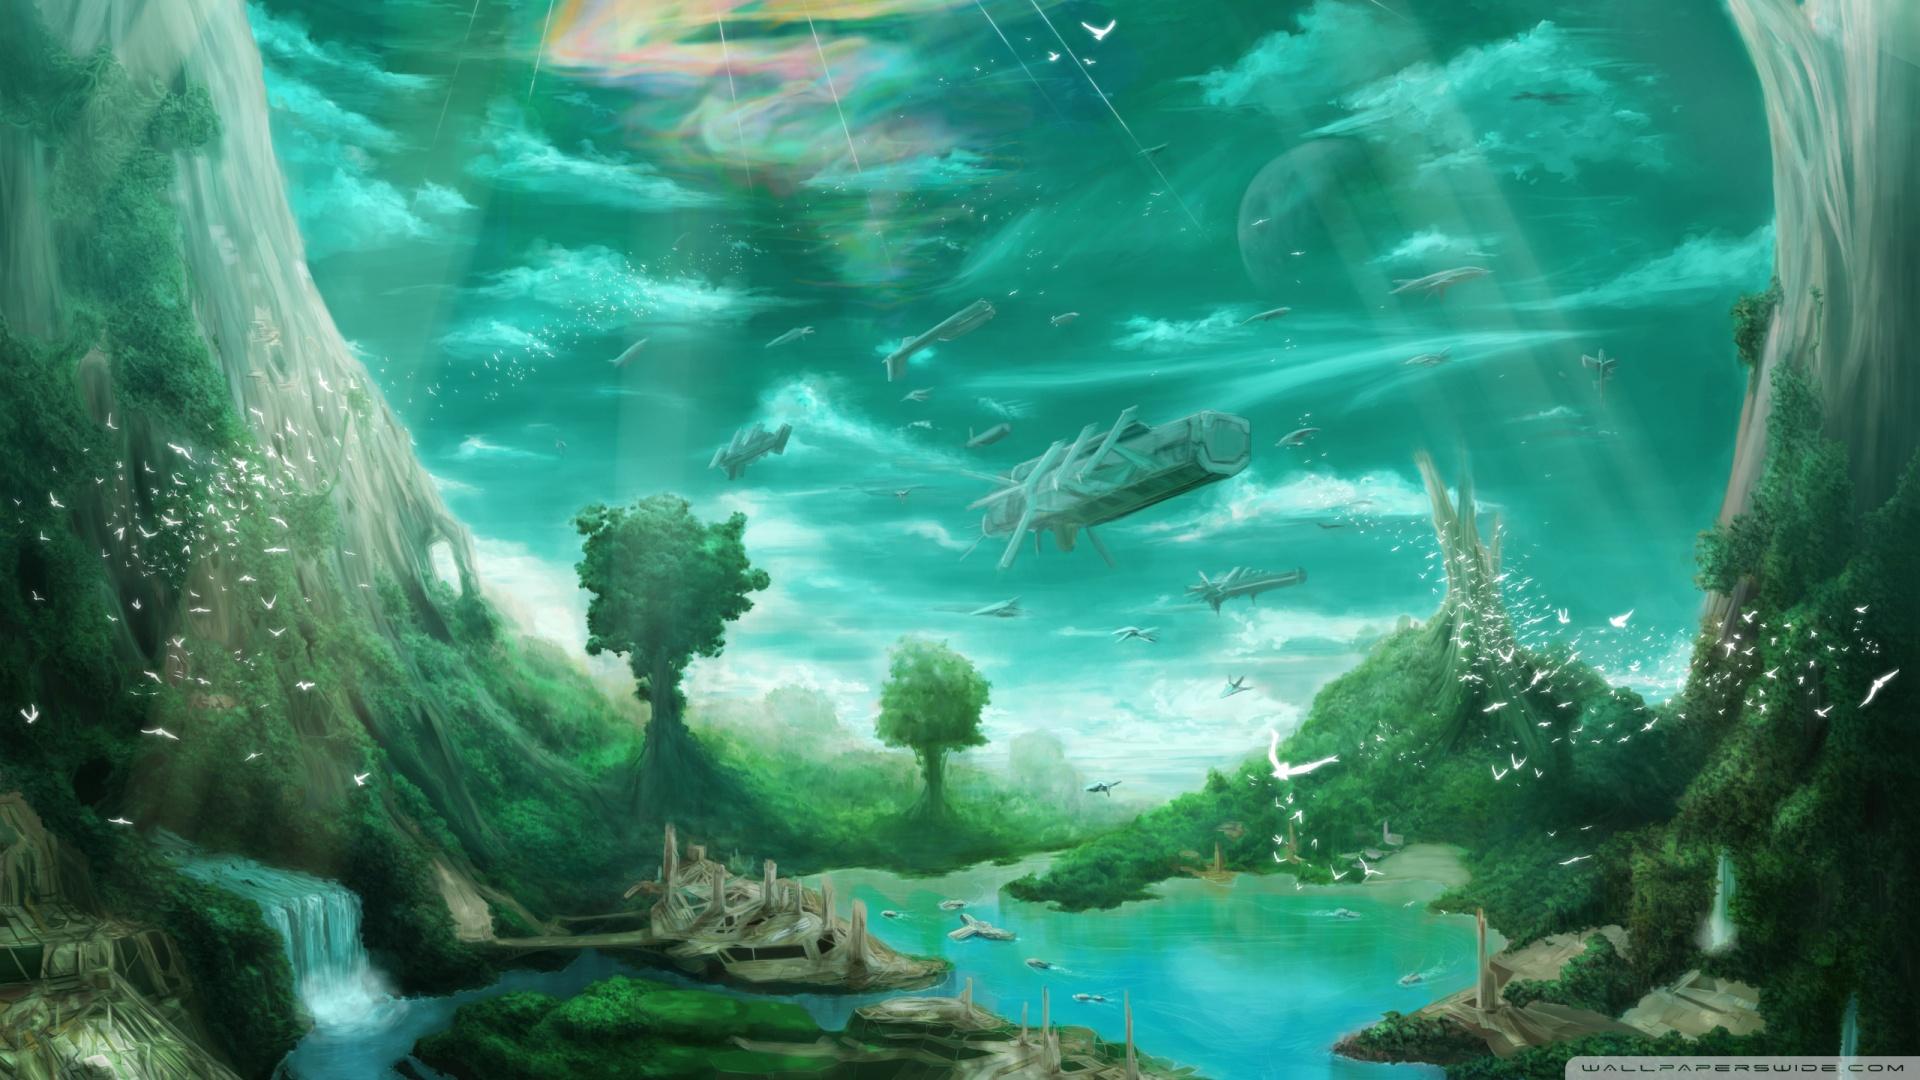 Fiction Paradise Wallpaper 1920x1080 Science Fiction Paradise 1920x1080